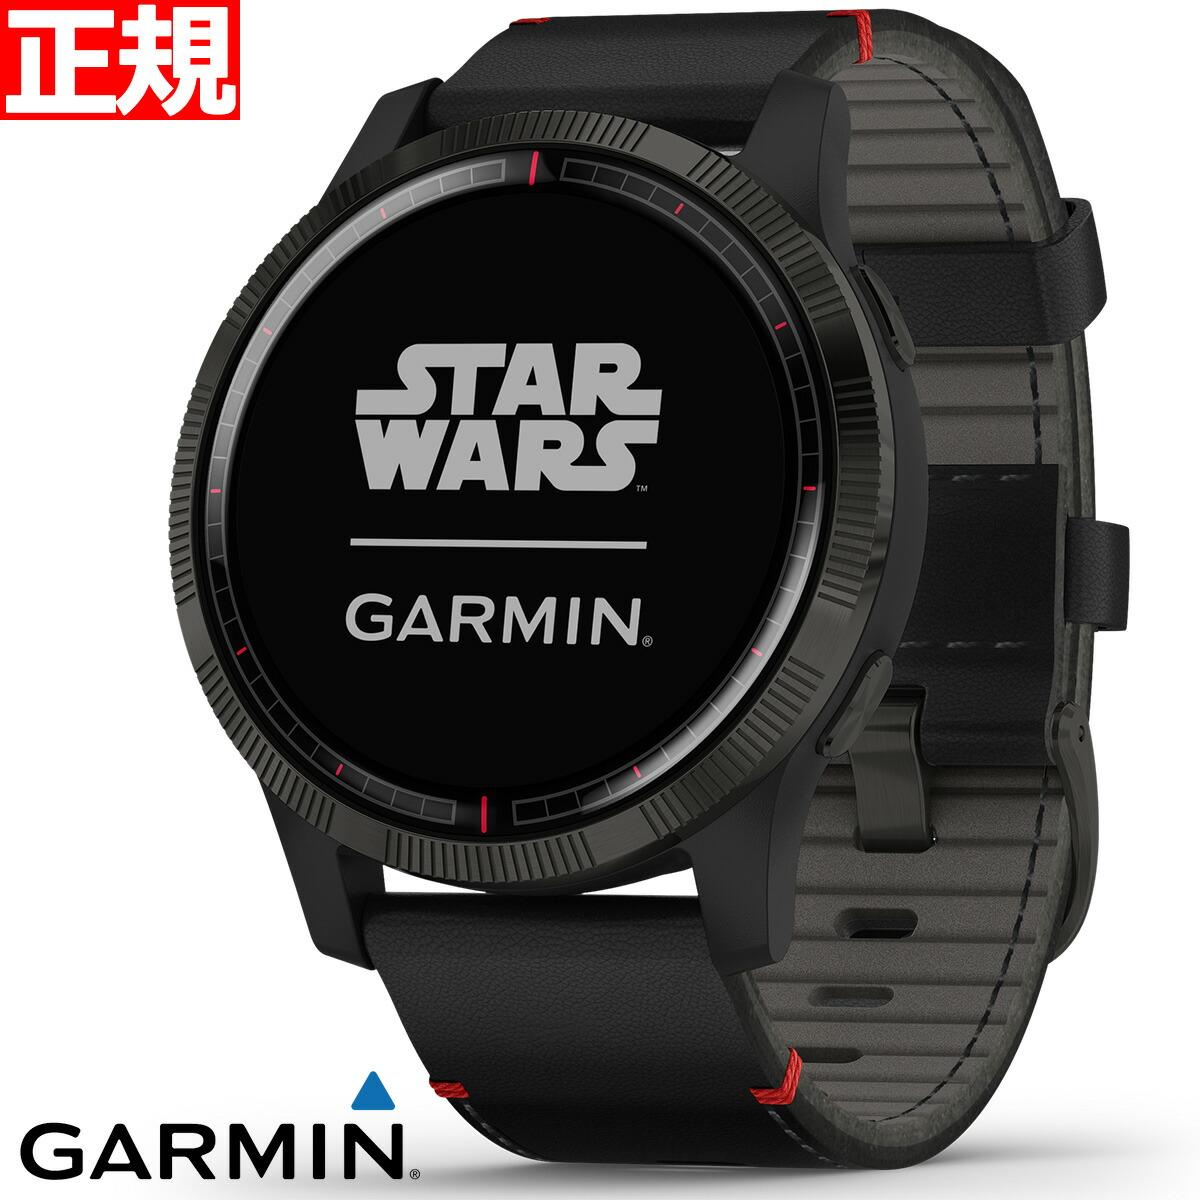 ガーミン GARMIN レガシーサガシリーズ ダース・ベイダー 010-02174-57